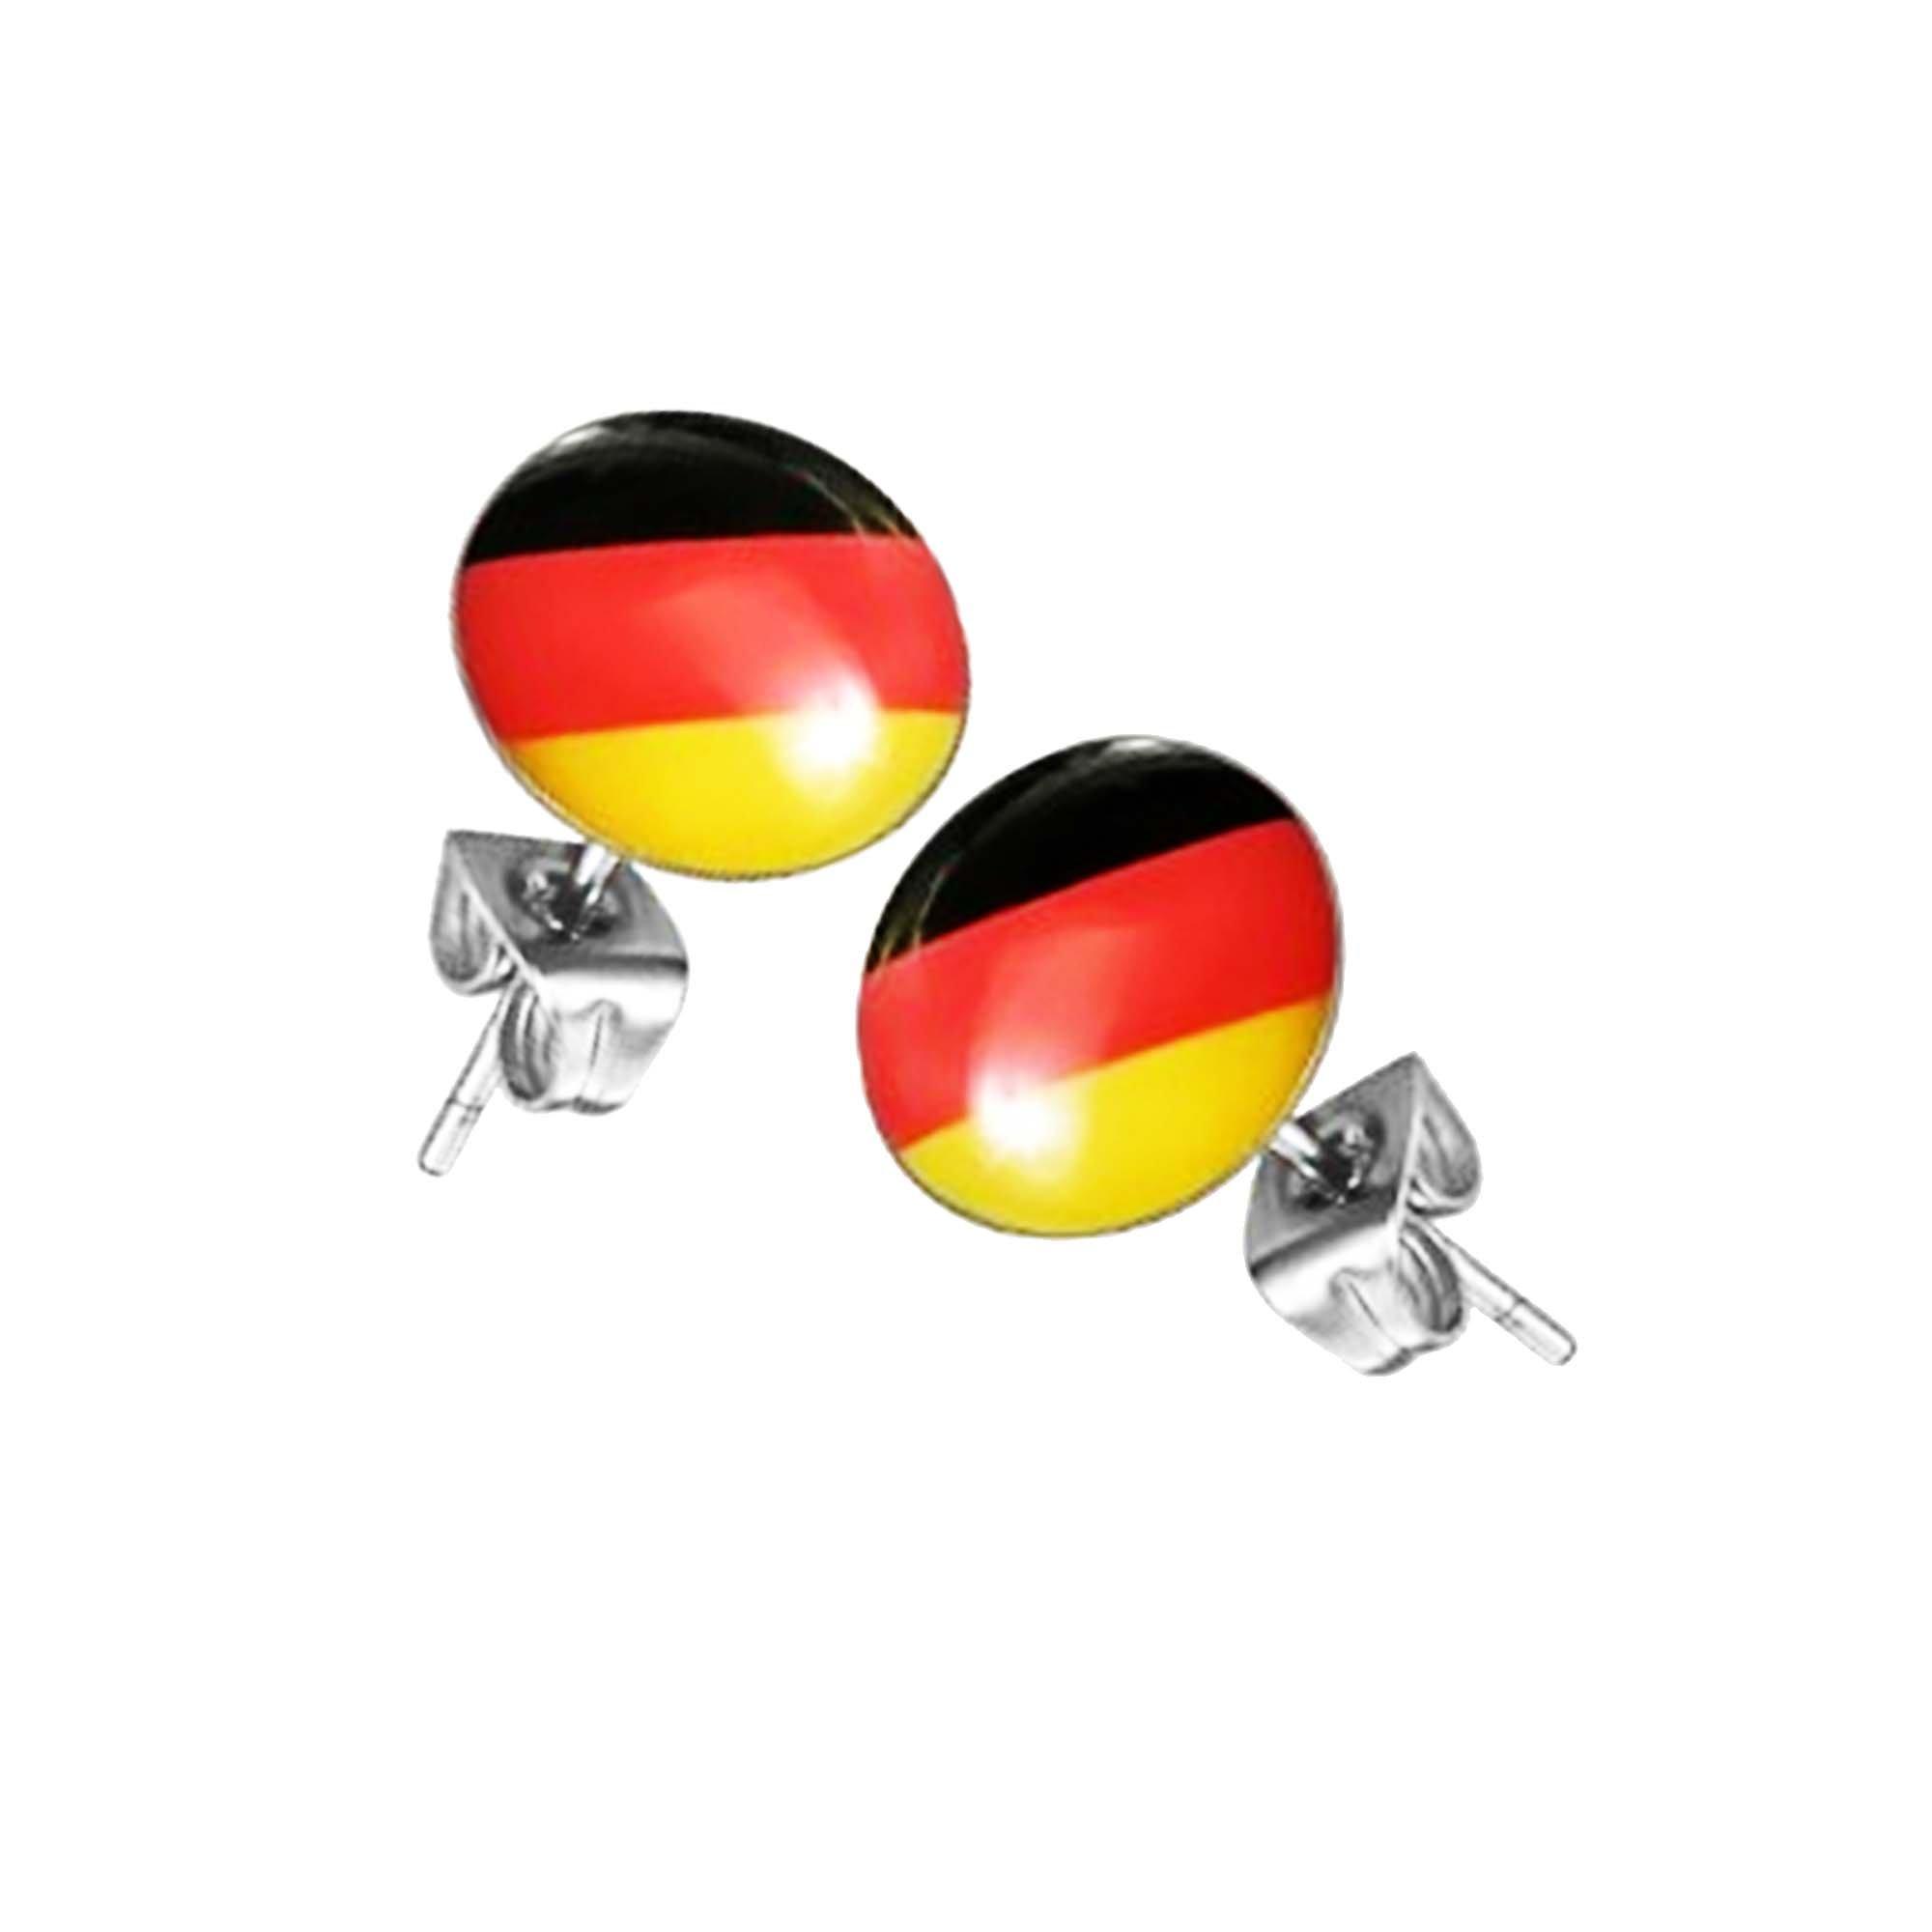 Taffstyle� 1 paio di orecchini per fan del calcio Campionato Mondiale 2014 WC e EC Germania - nero r